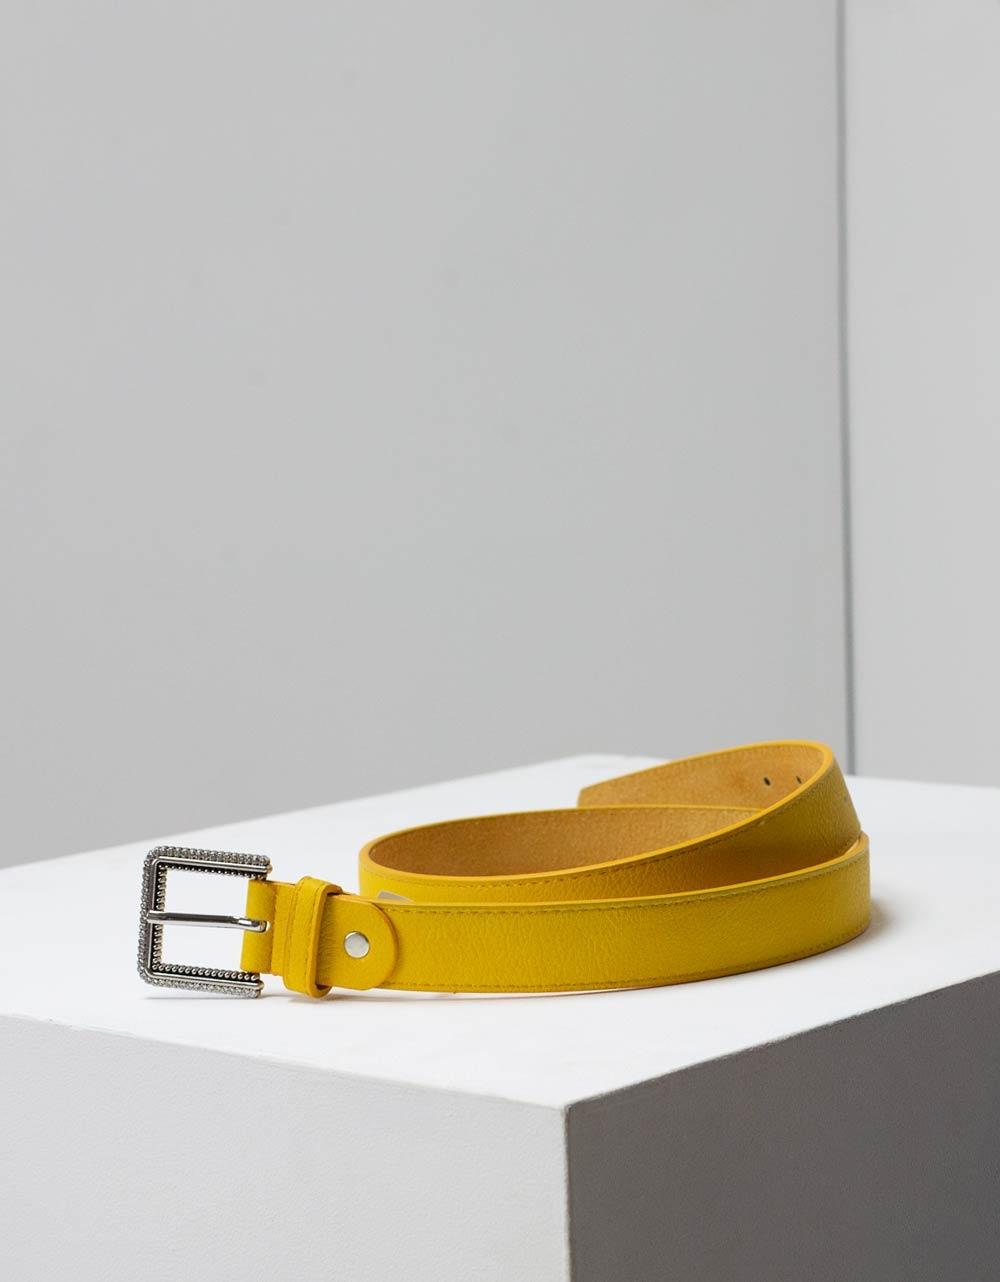 Εικόνα από Γυναικείες ζώνες μονόχρωμες Κίτρινο